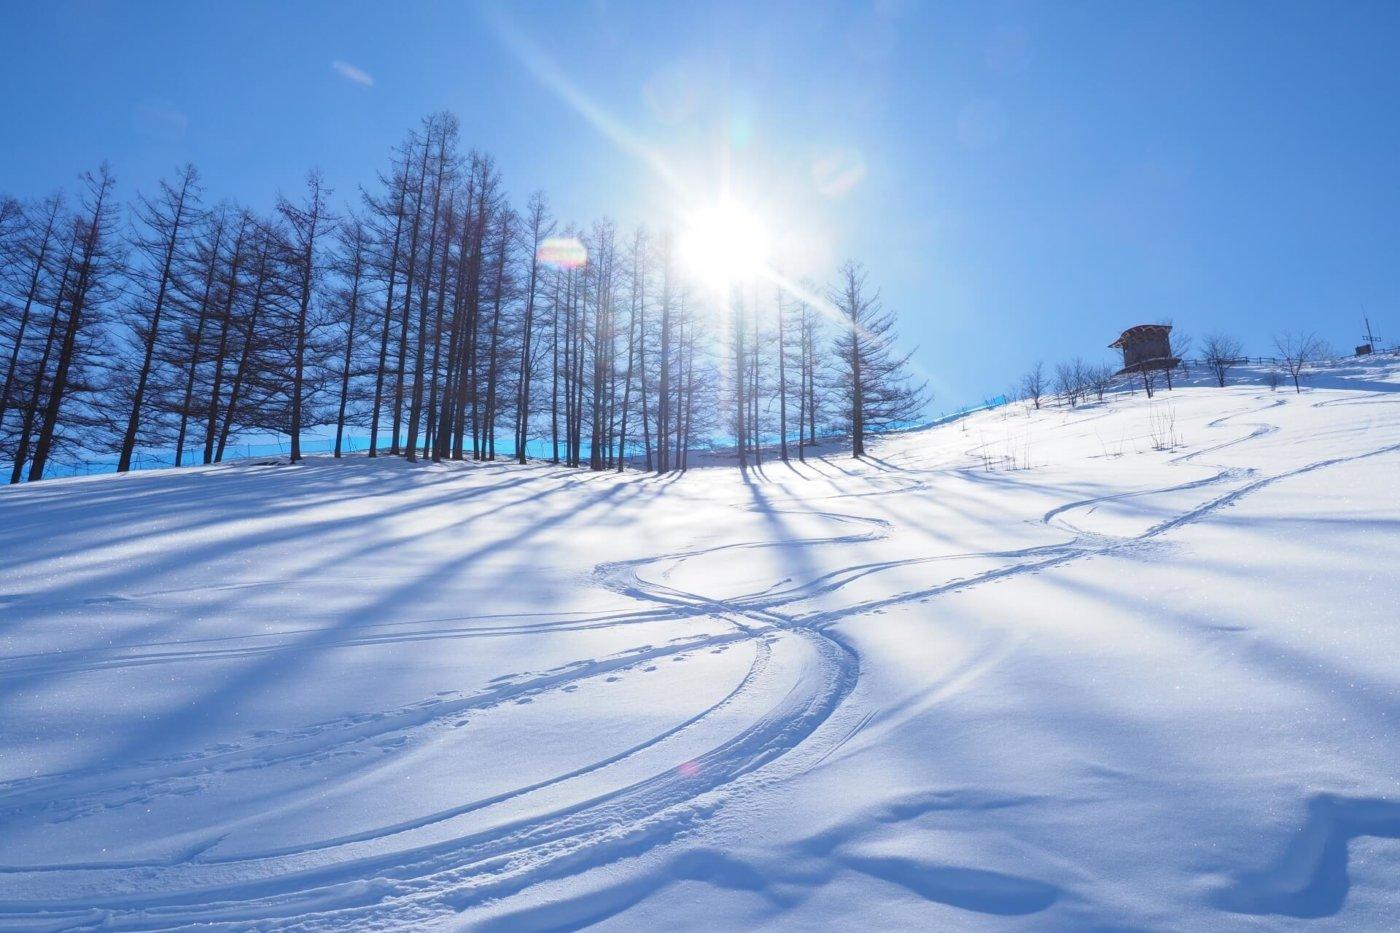 スマート&スムーズ! スキーをレンタル用品で楽しむコツ